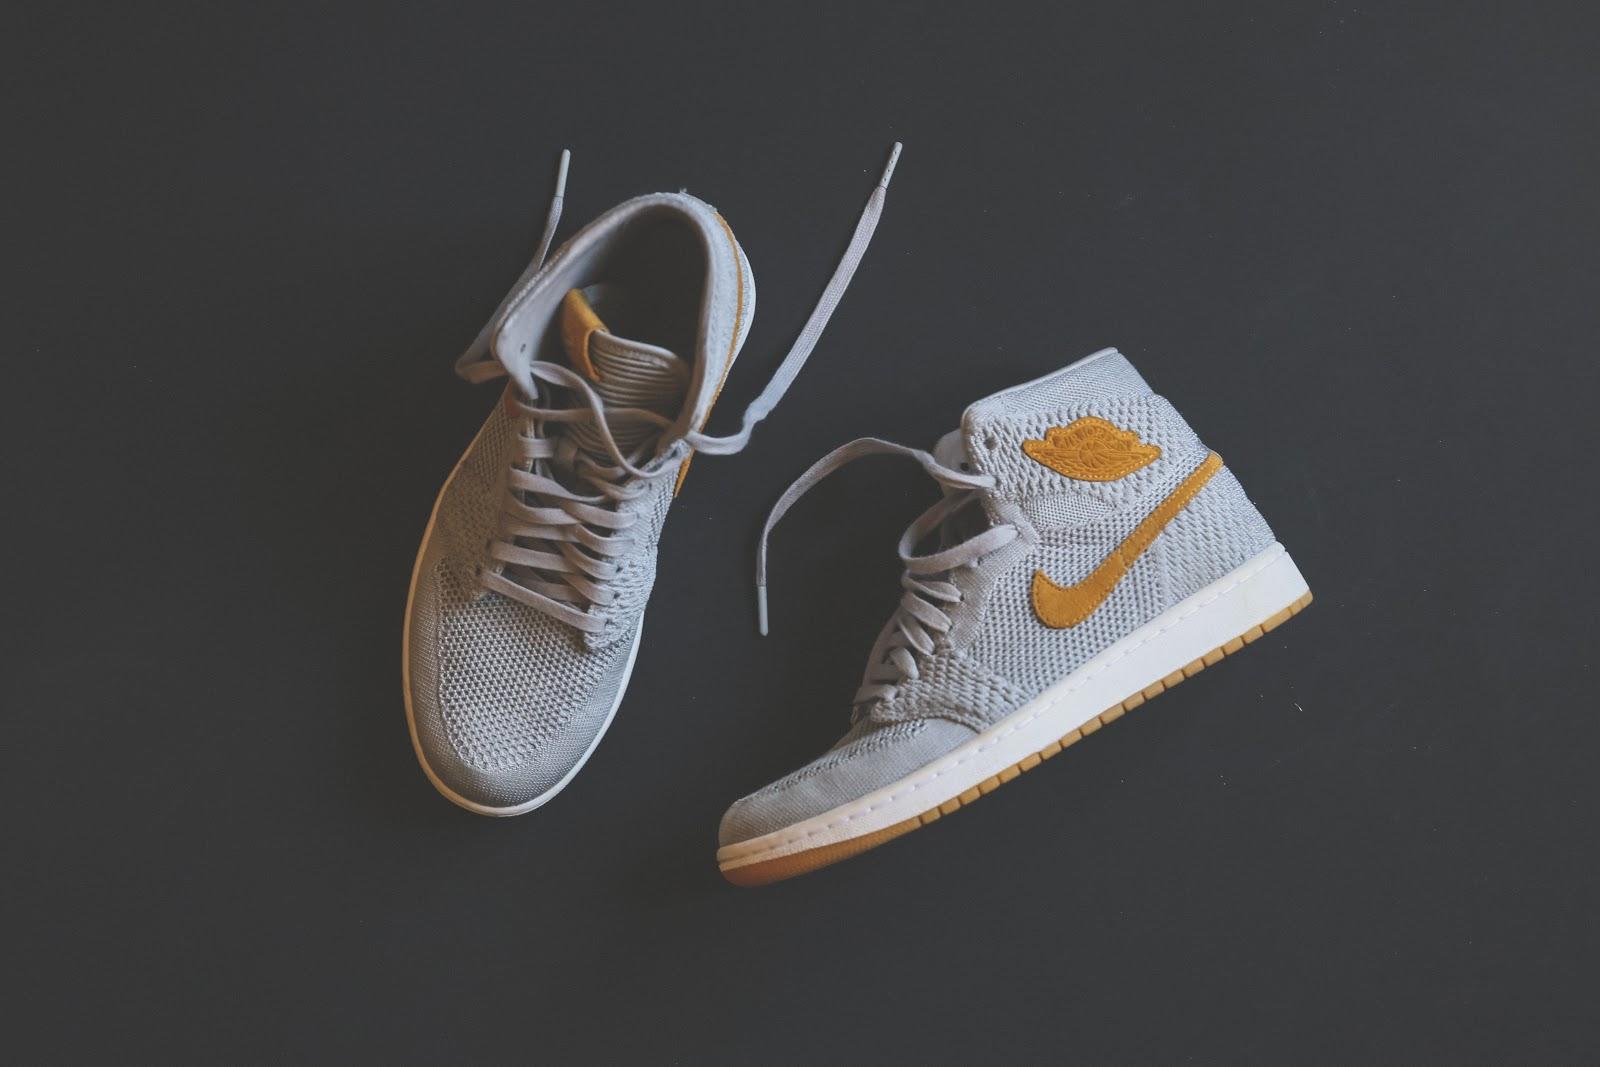 Returned Nike Shoes